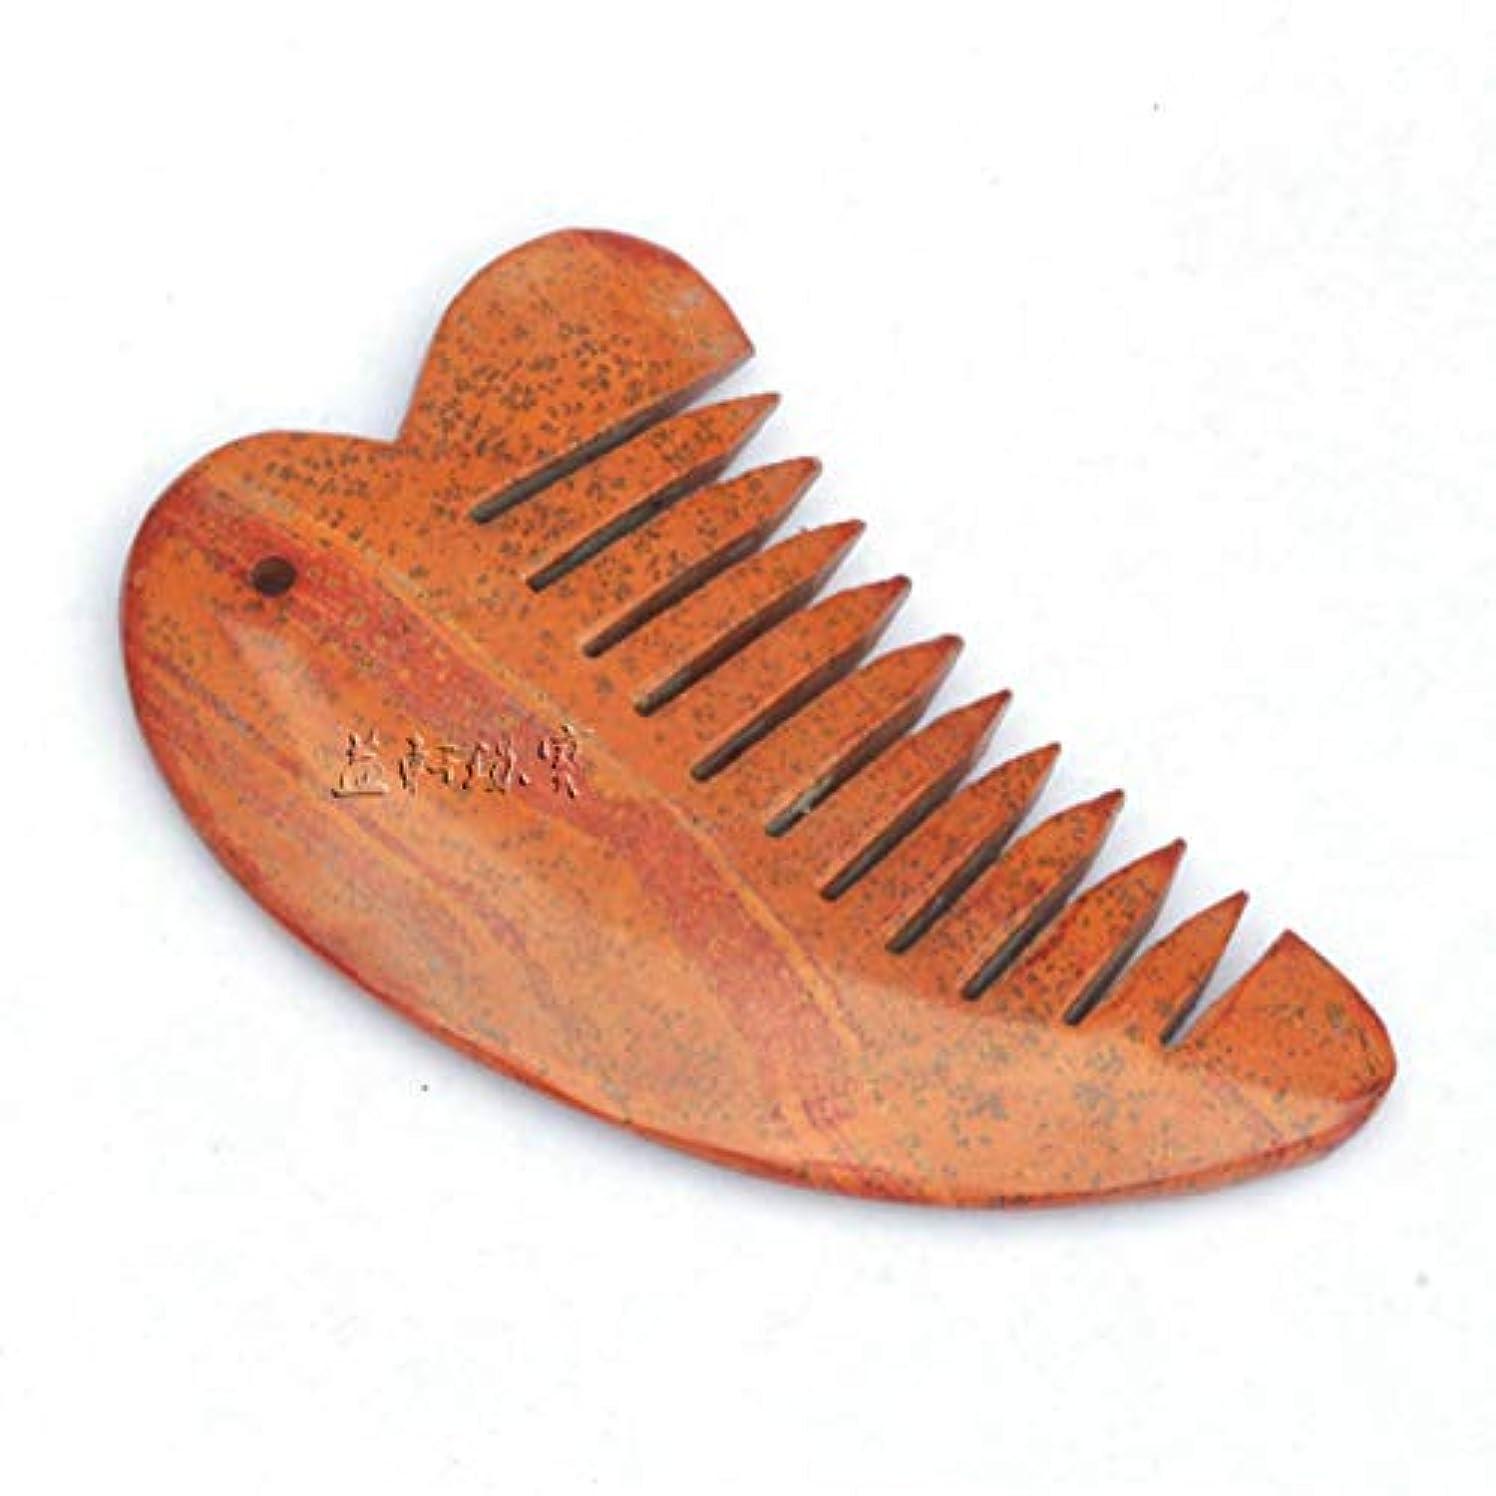 認識通りロゴカッサ 天然(泗濱浮石)黄石/頭痛?白髪?抜け毛防止 櫛型かっさ板 プレート茶